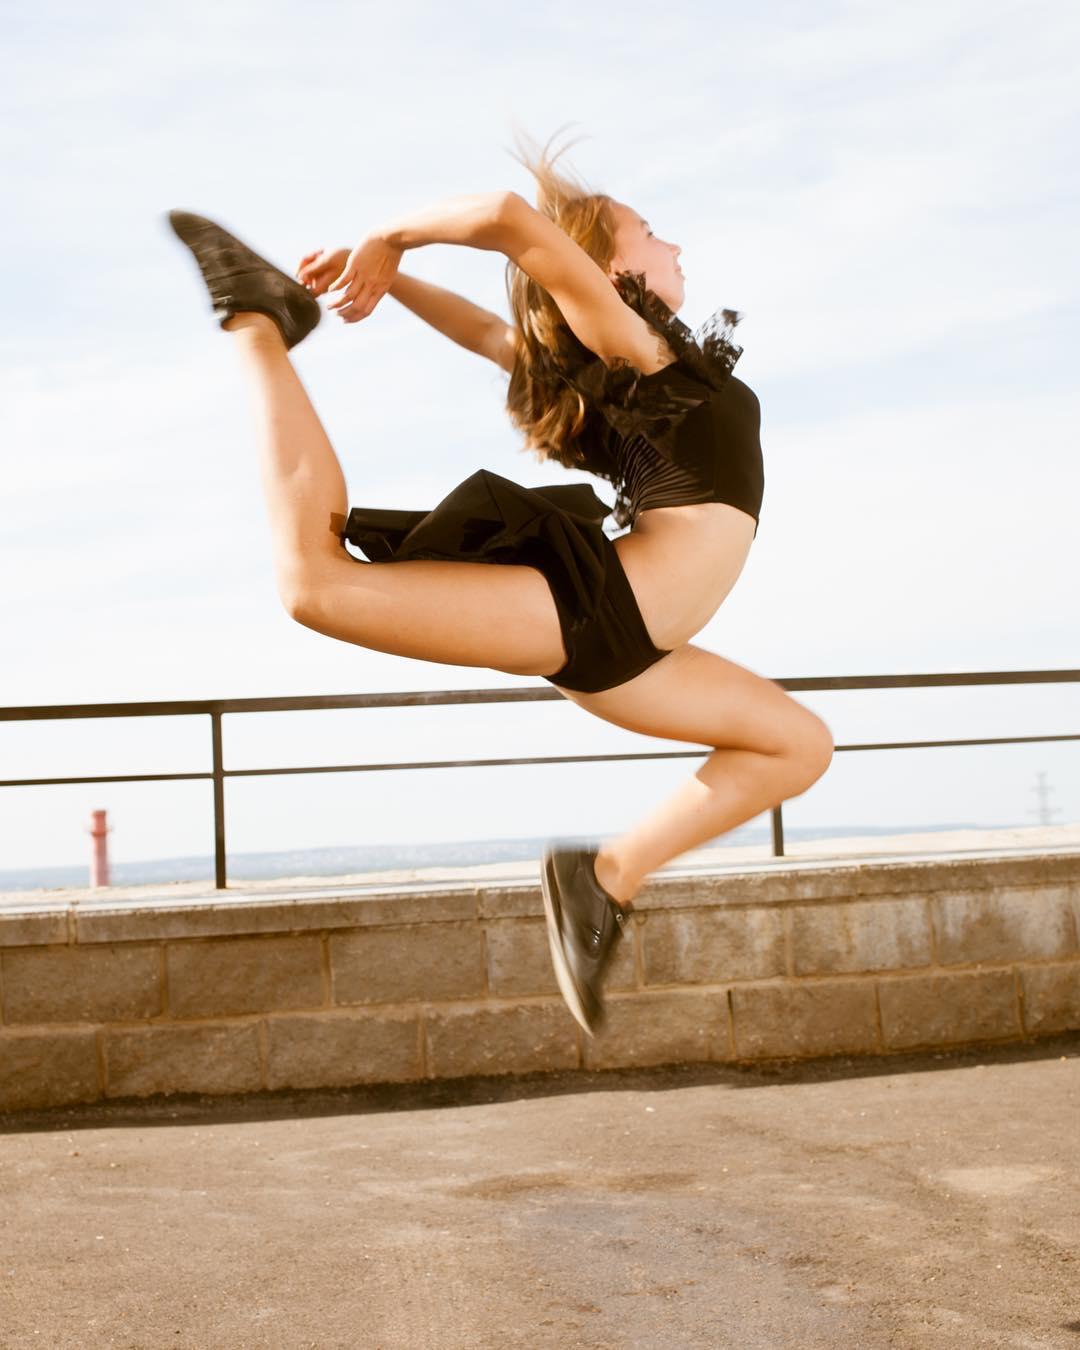 Аделина Хайбдрахманова КМС по спортивной акробатике на фотосессии у Амира Гумерова @amirgumerov #детимодели #детимоделимосква #детиспорт